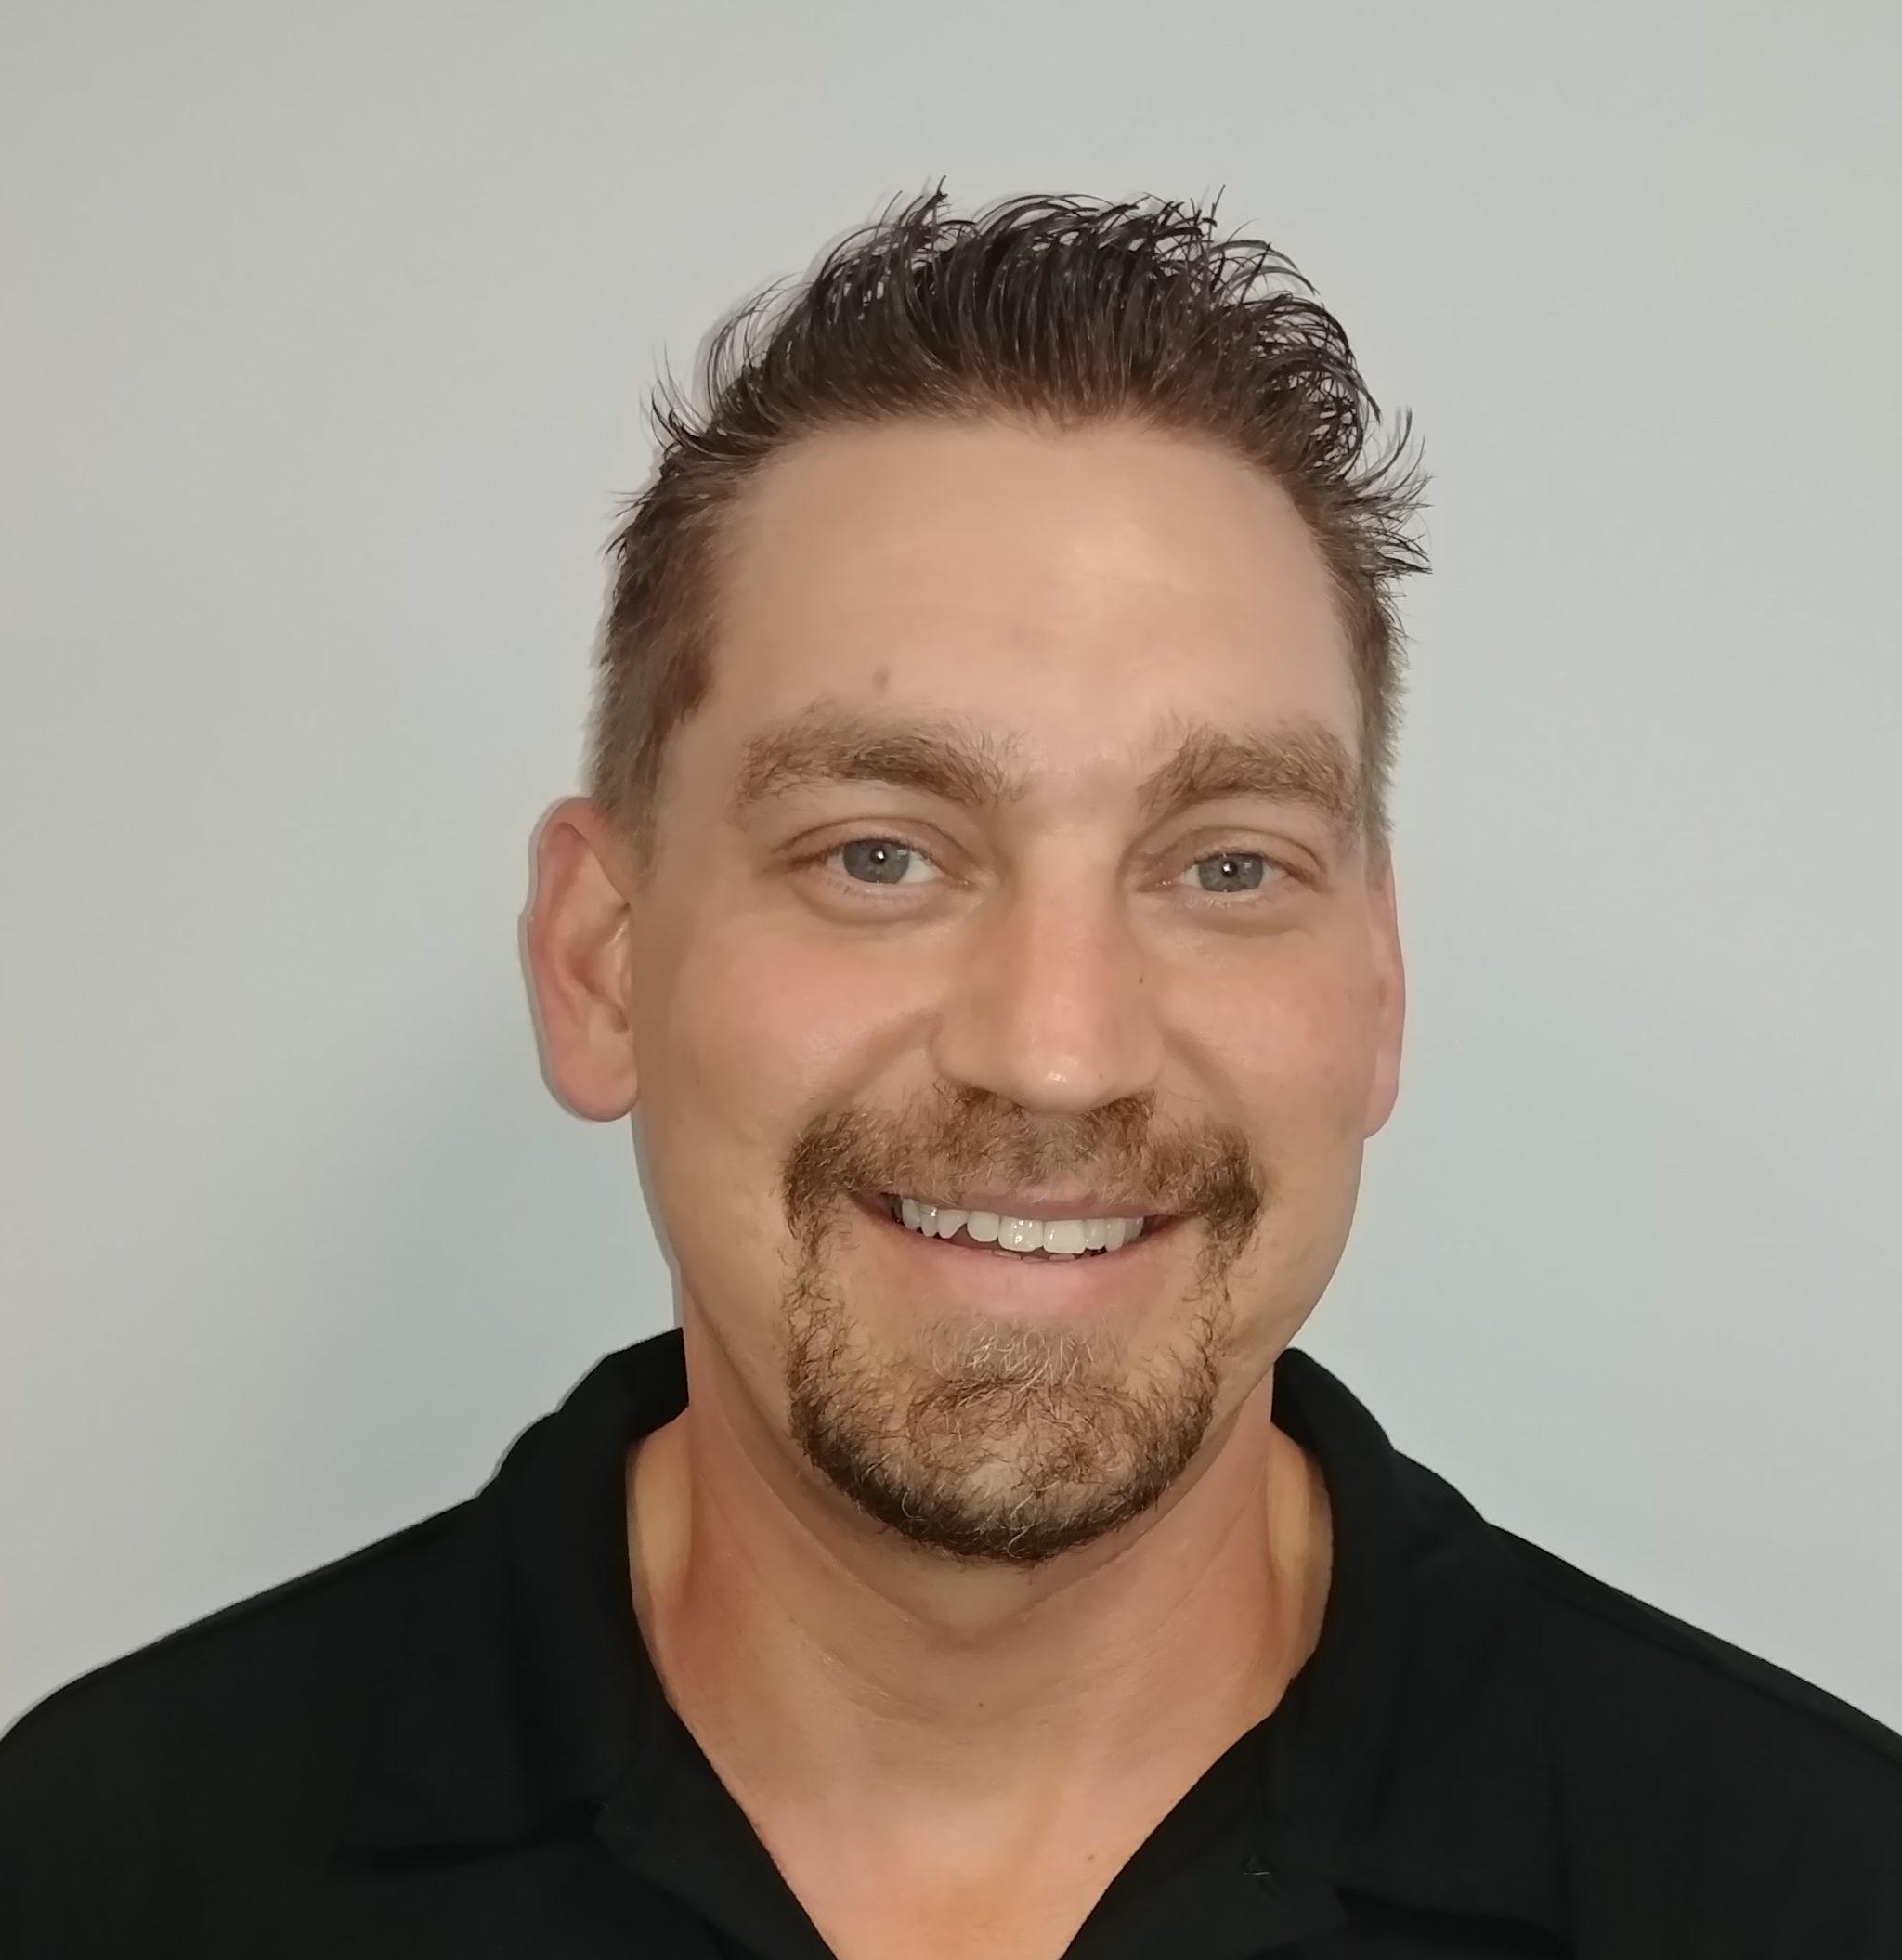 Troy Taylor - NDT Technician